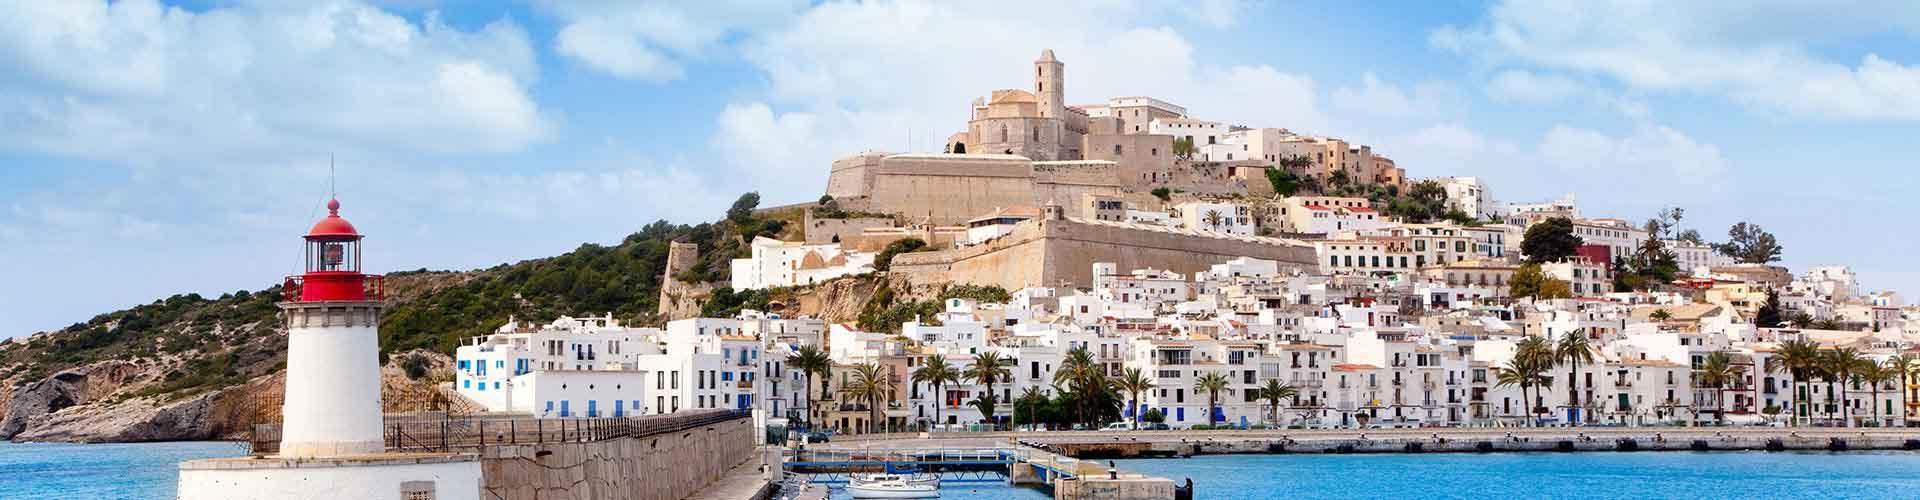 Ibiza - Appartments à Ibiza. Cartes pour Ibiza, photos et commentaires pour chaque appartement à Ibiza.